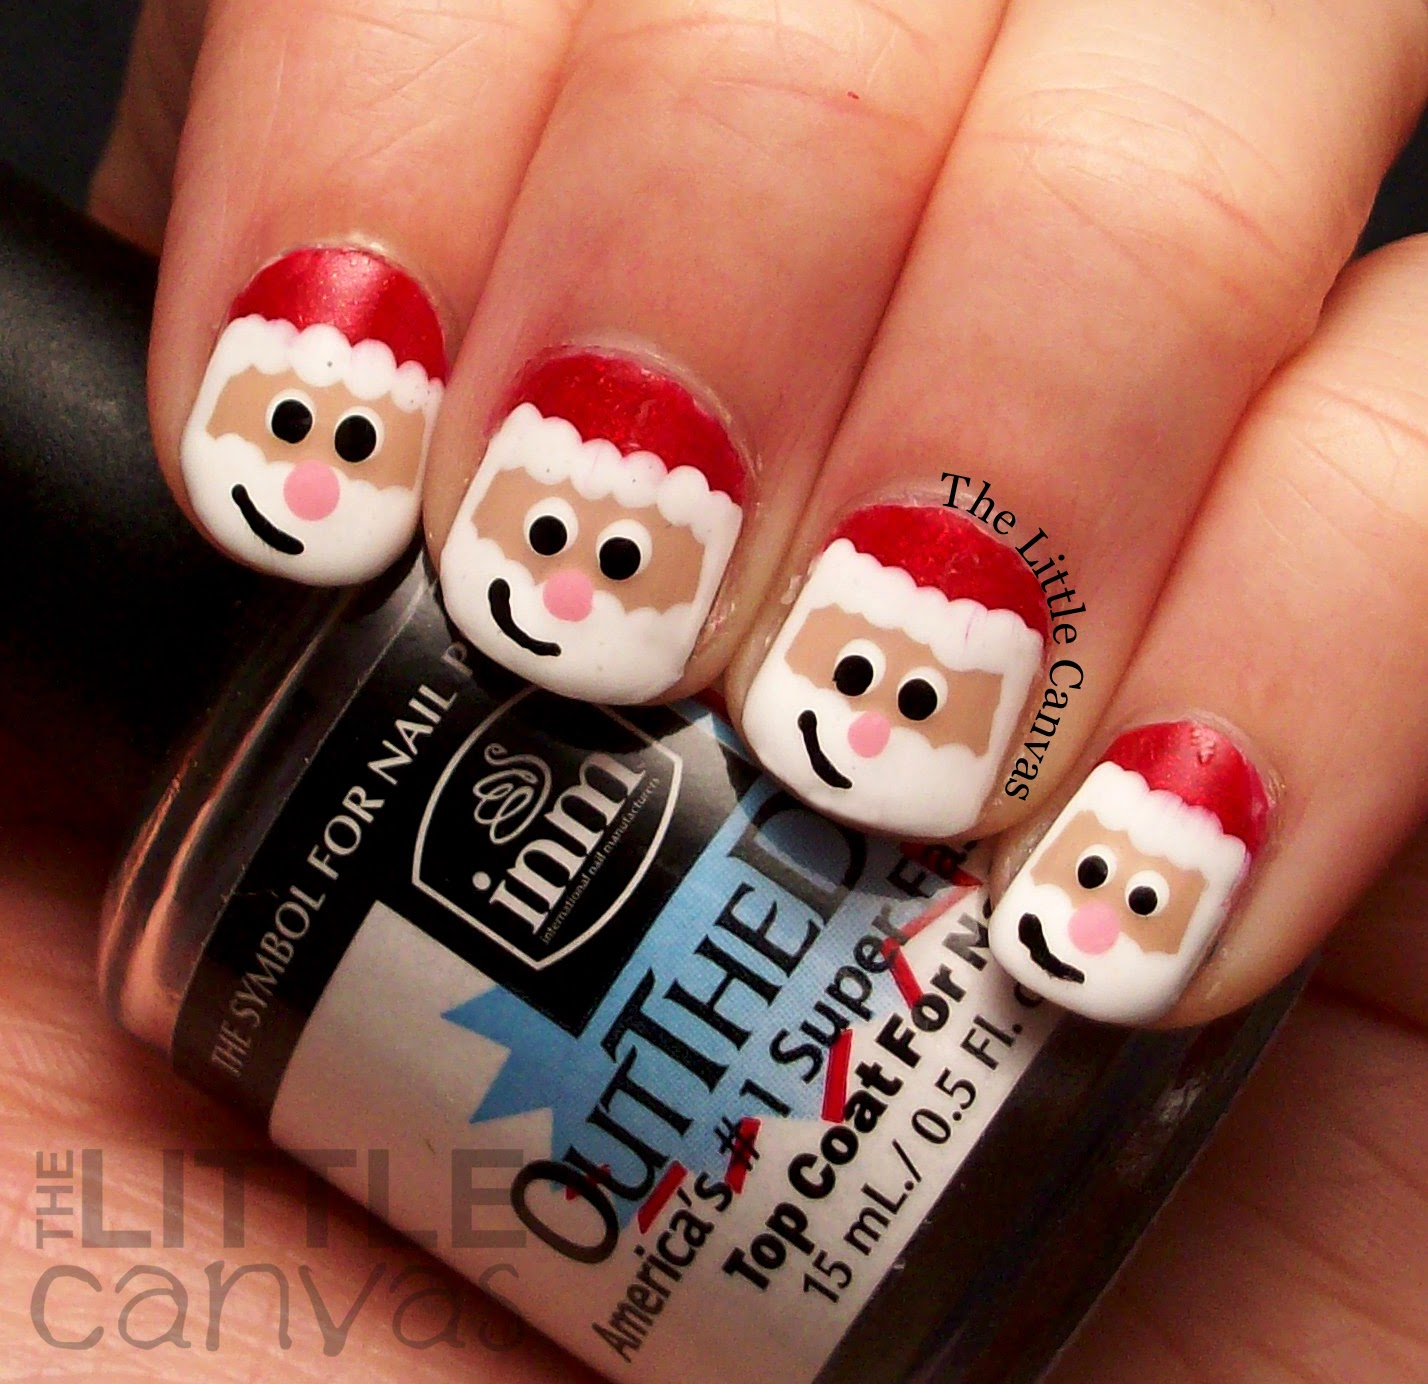 Santa claus nail art take 2 the little canvas santa claus nail art take 2 prinsesfo Choice Image